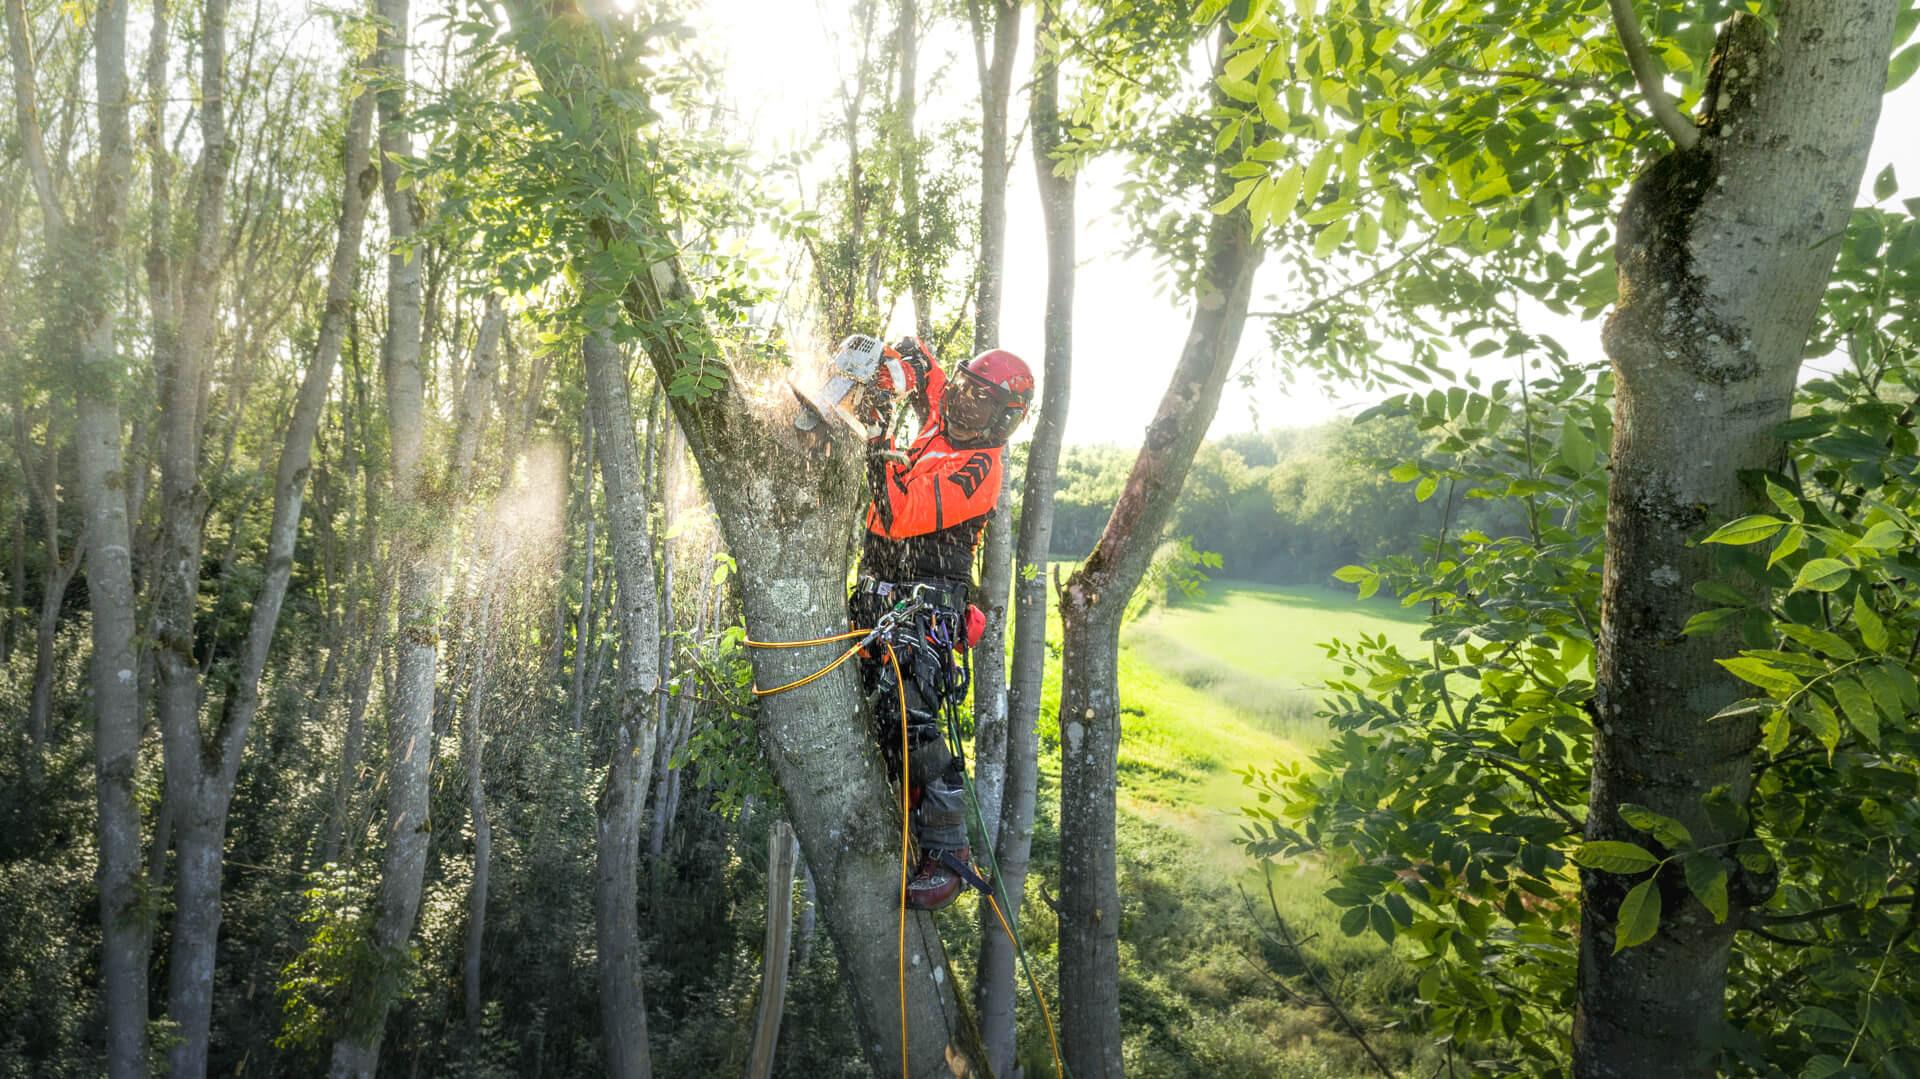 Grob Baumservice Baumpflege